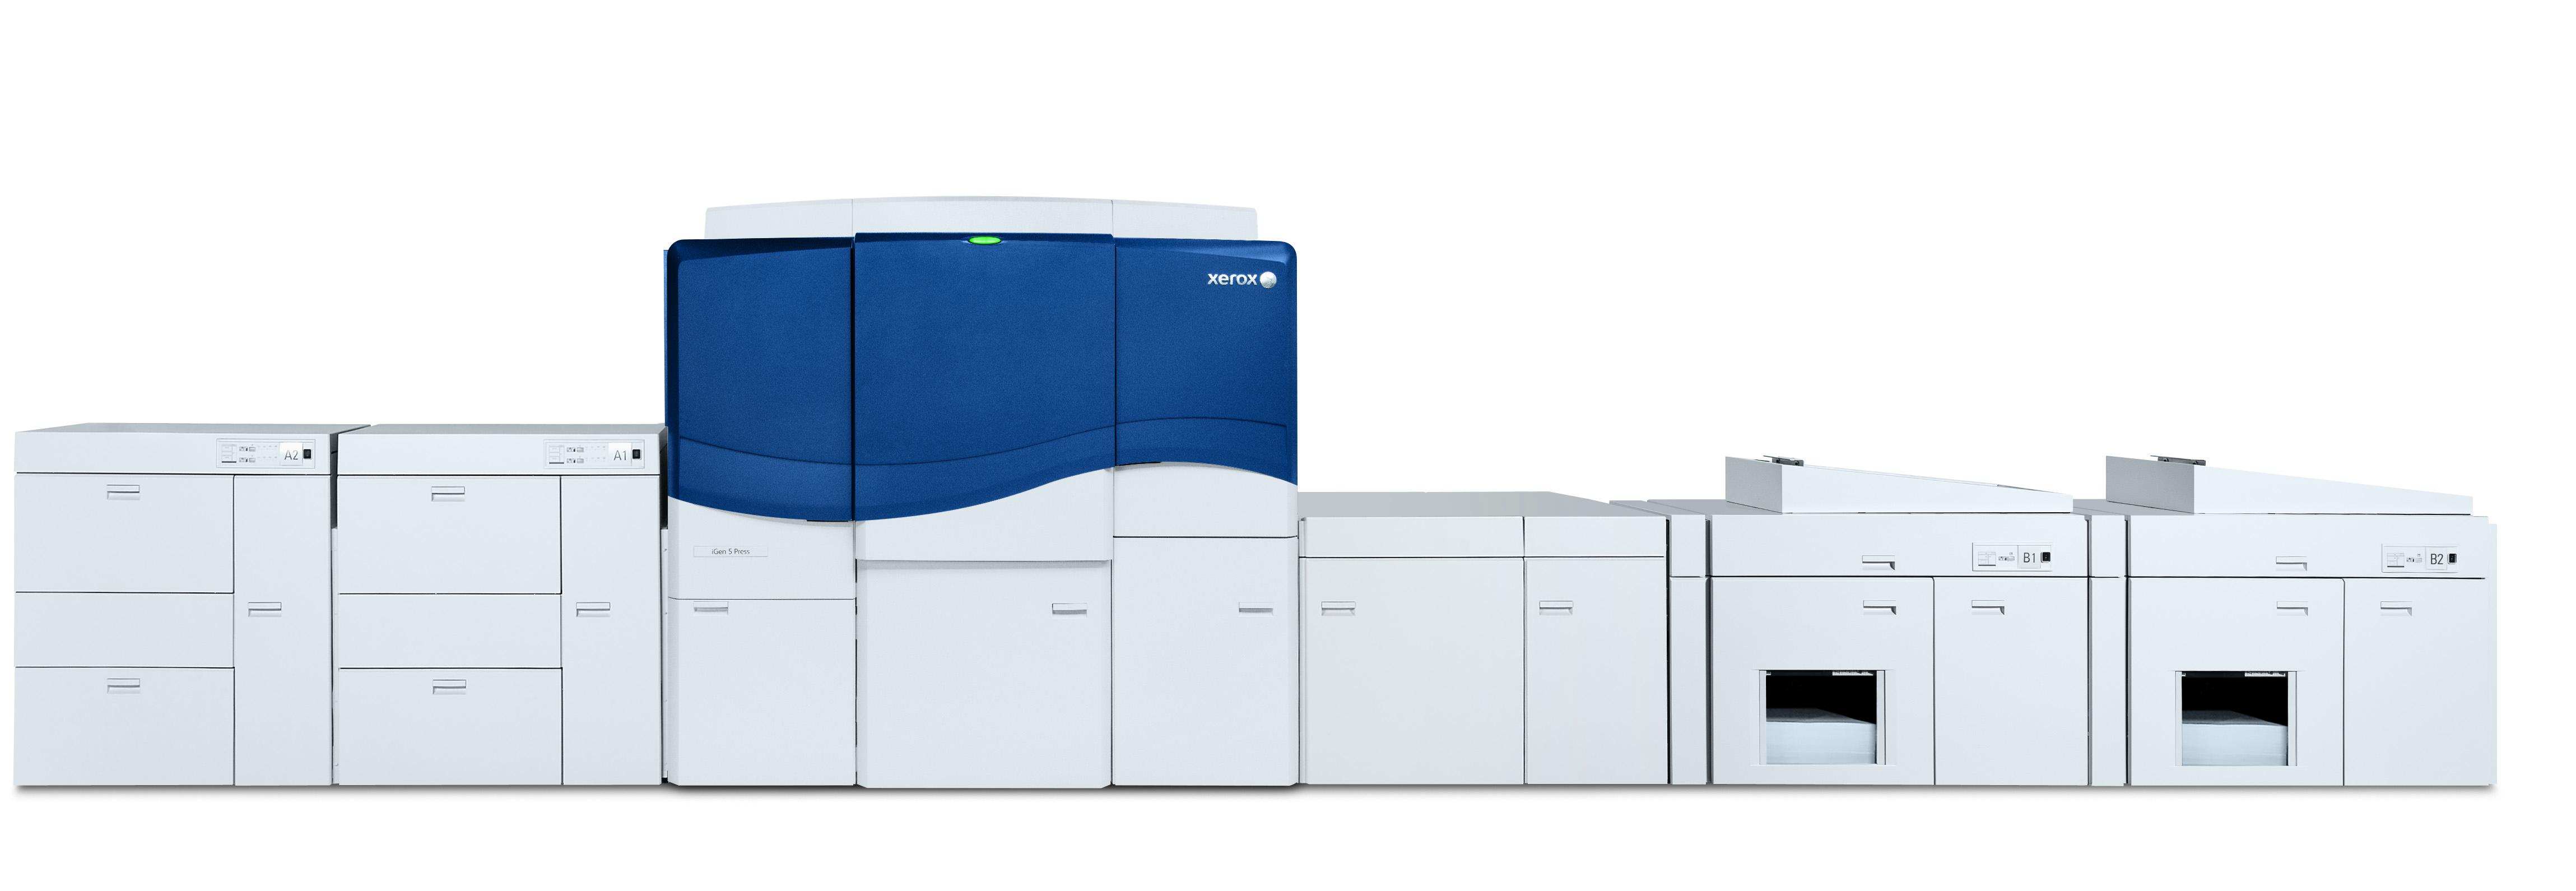 Il debutto della stampante iGen 5 di Xerox - Italia Grafica